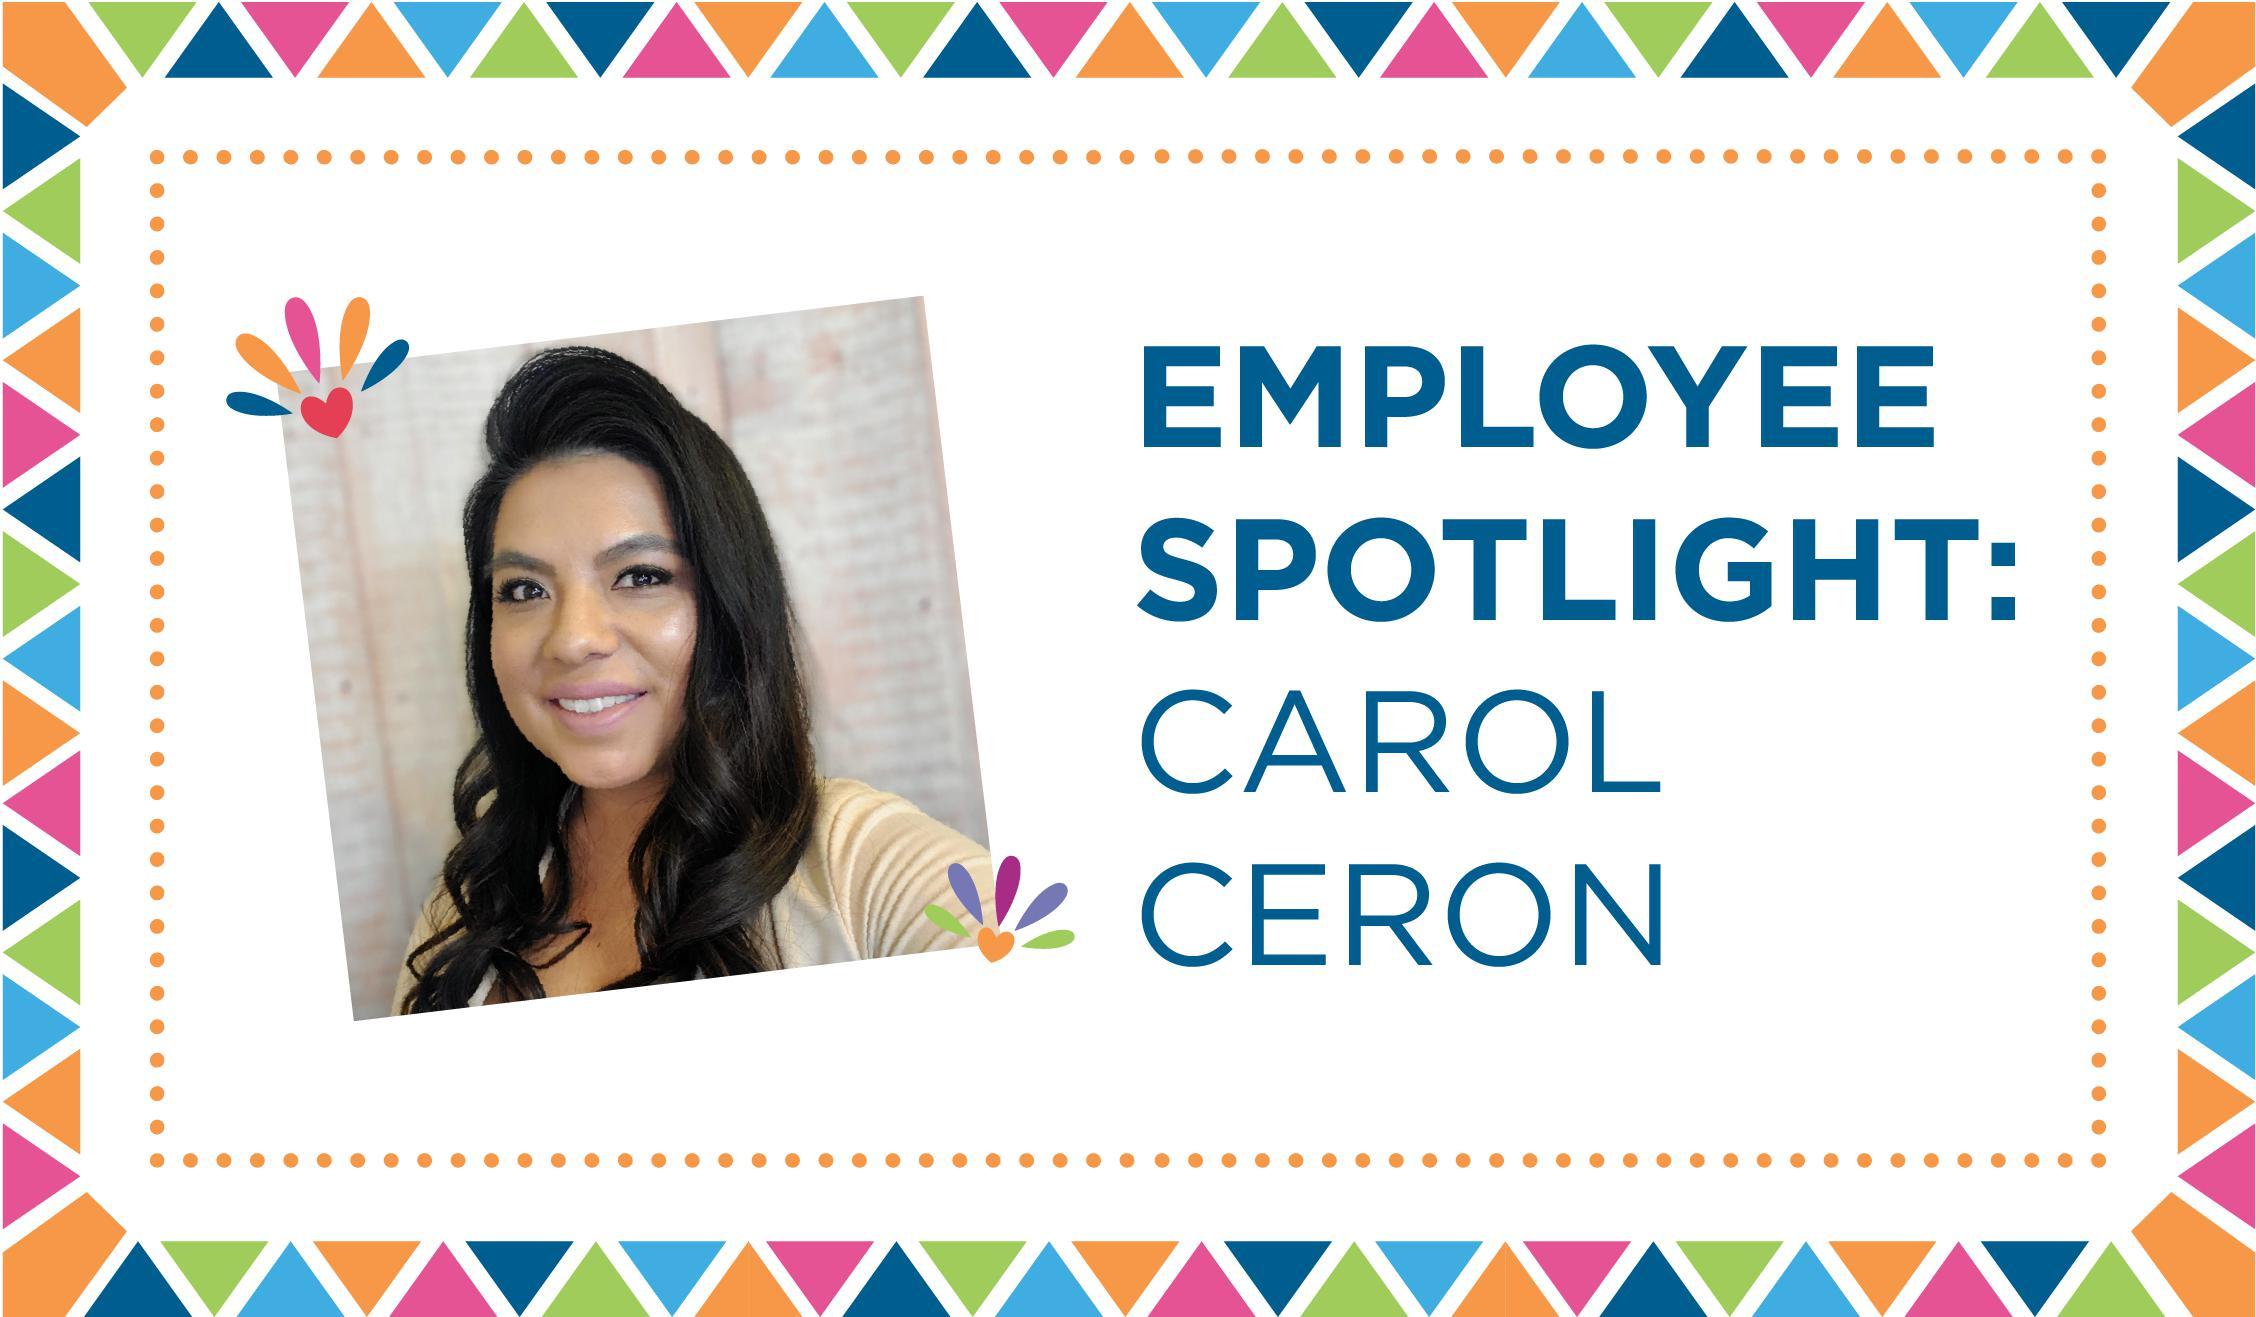 Cultural Heritage Employee Spotlight - Carol Ceron